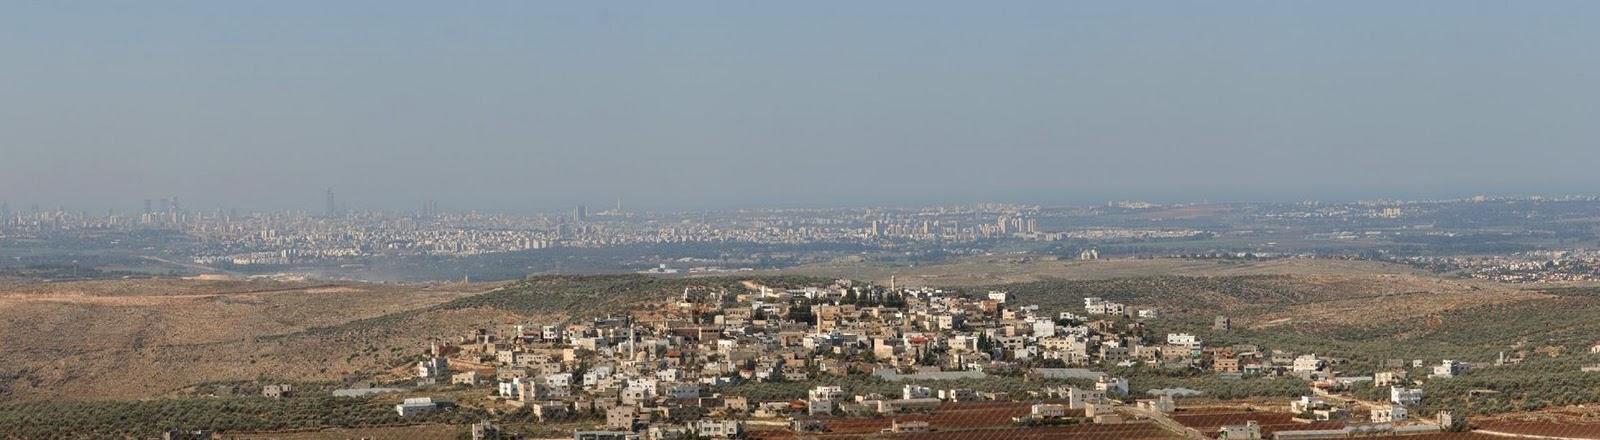 L'area metropolitana di Tel Aviv vista dalle colline di Samaria (Cisgiordania)